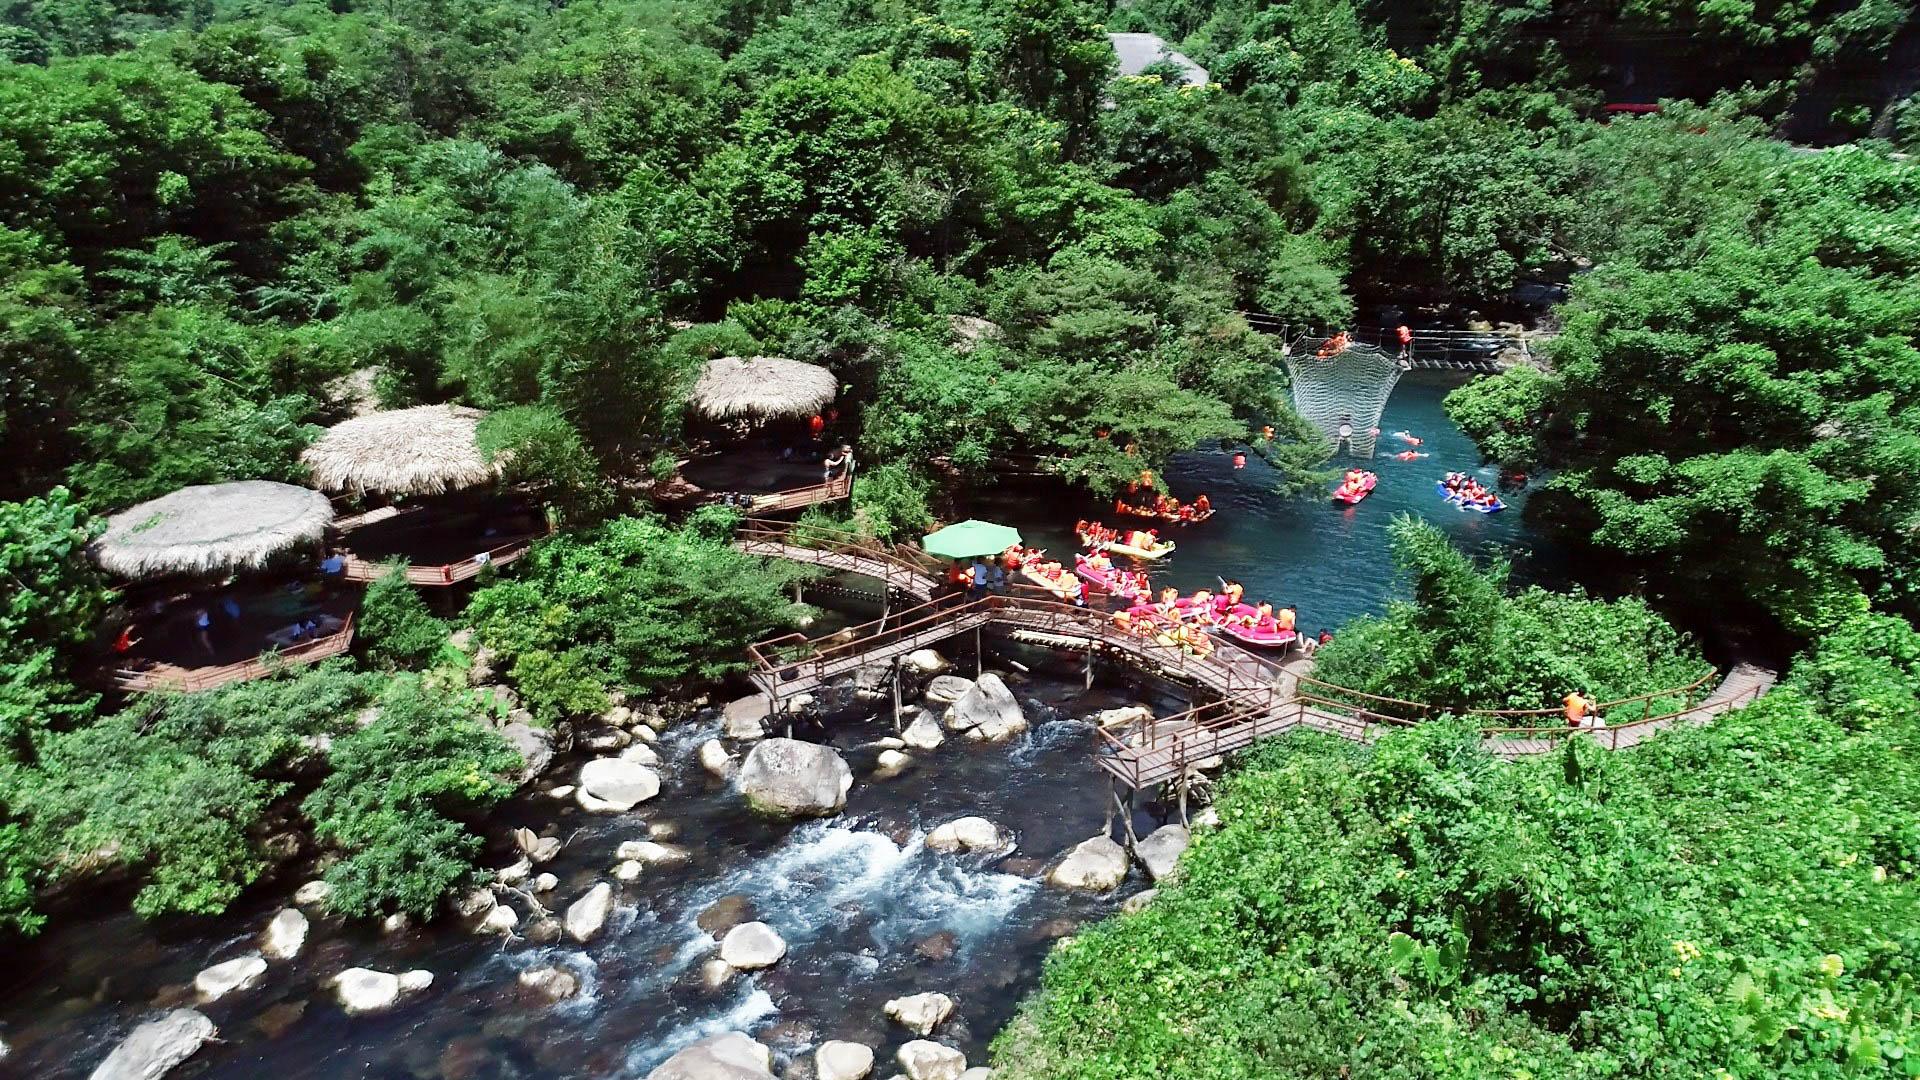 Suối Nước Moọc tại Phong Nha Kẻ Bàng